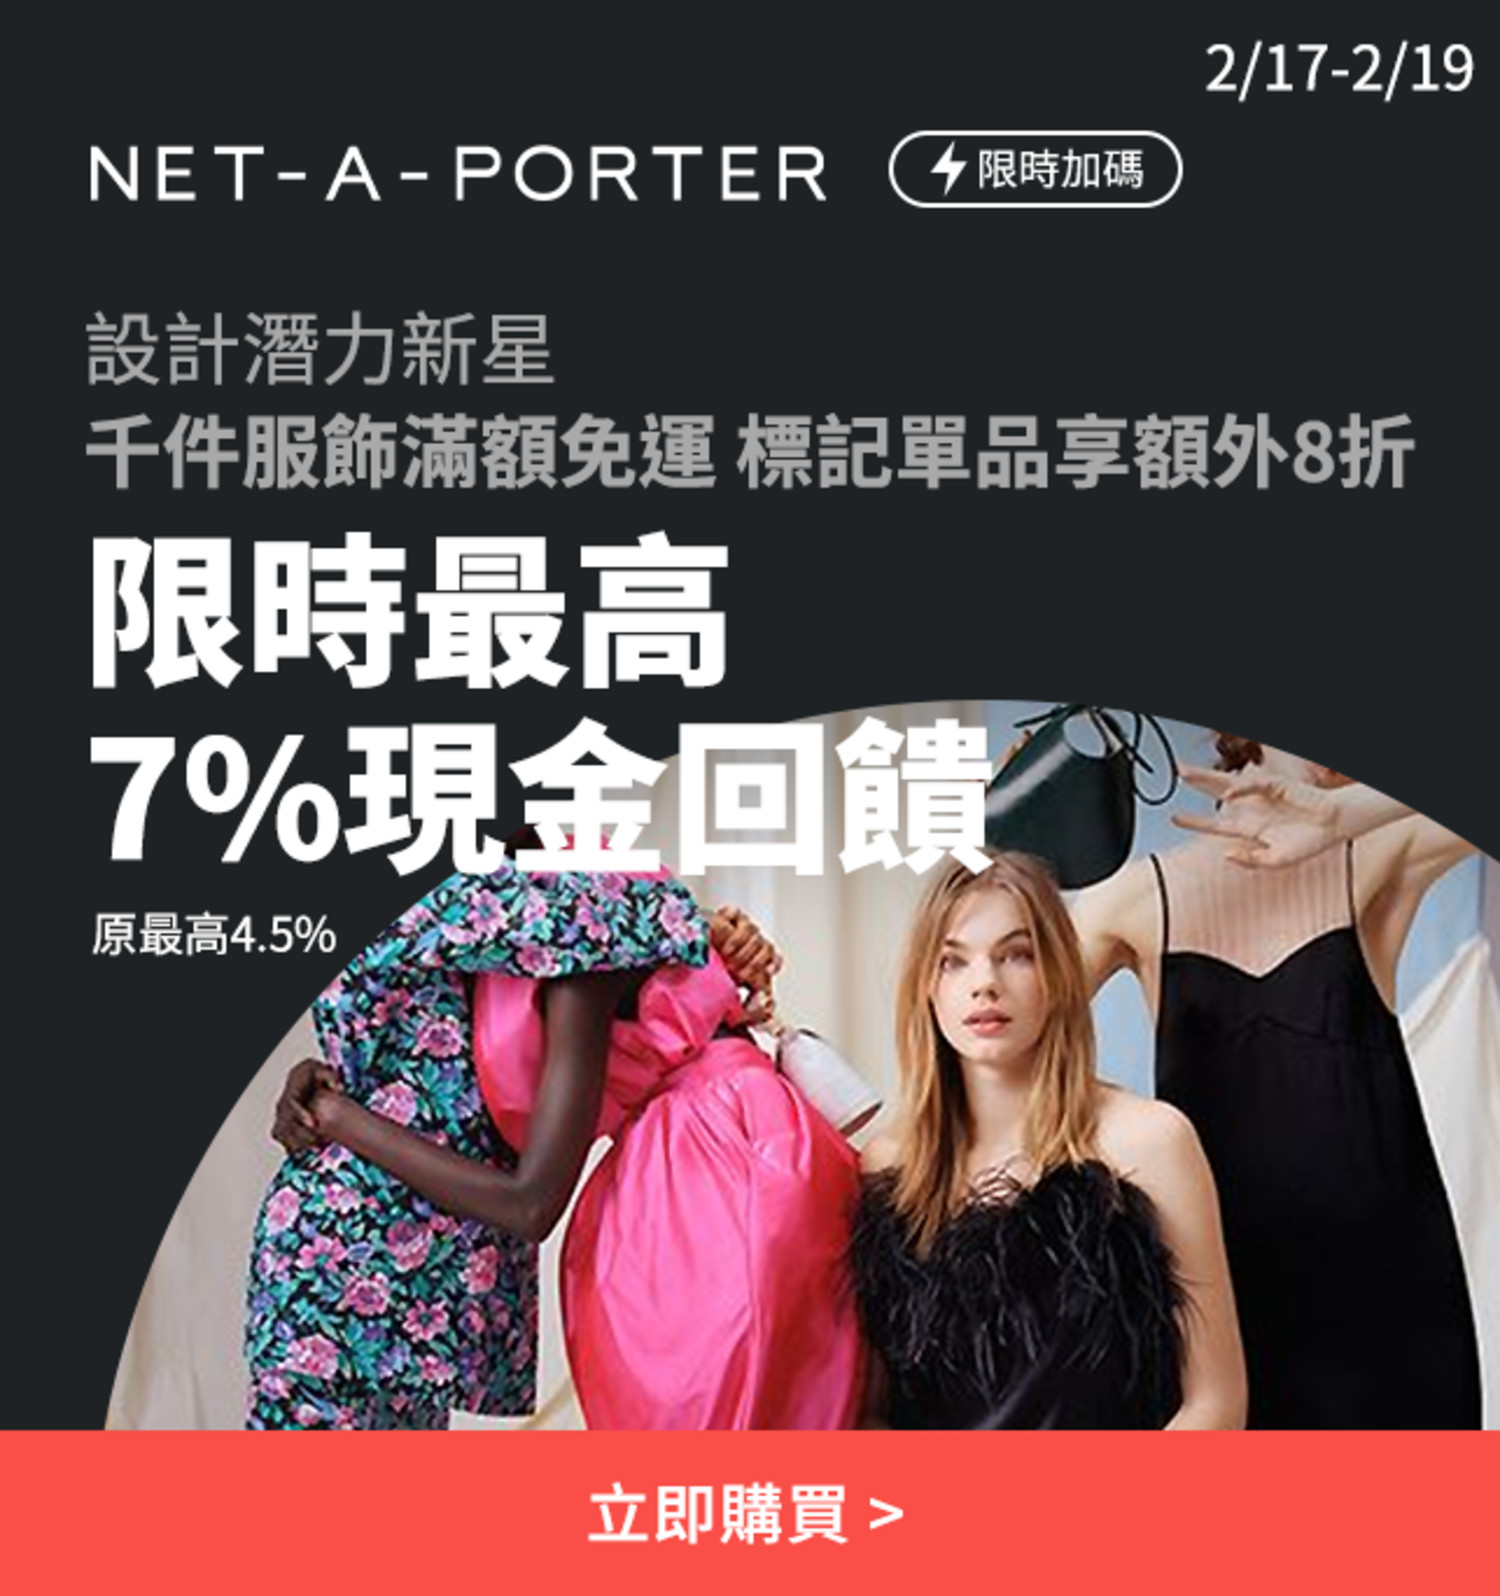 NET-A-PORTER 2/17-2/18 最高7%